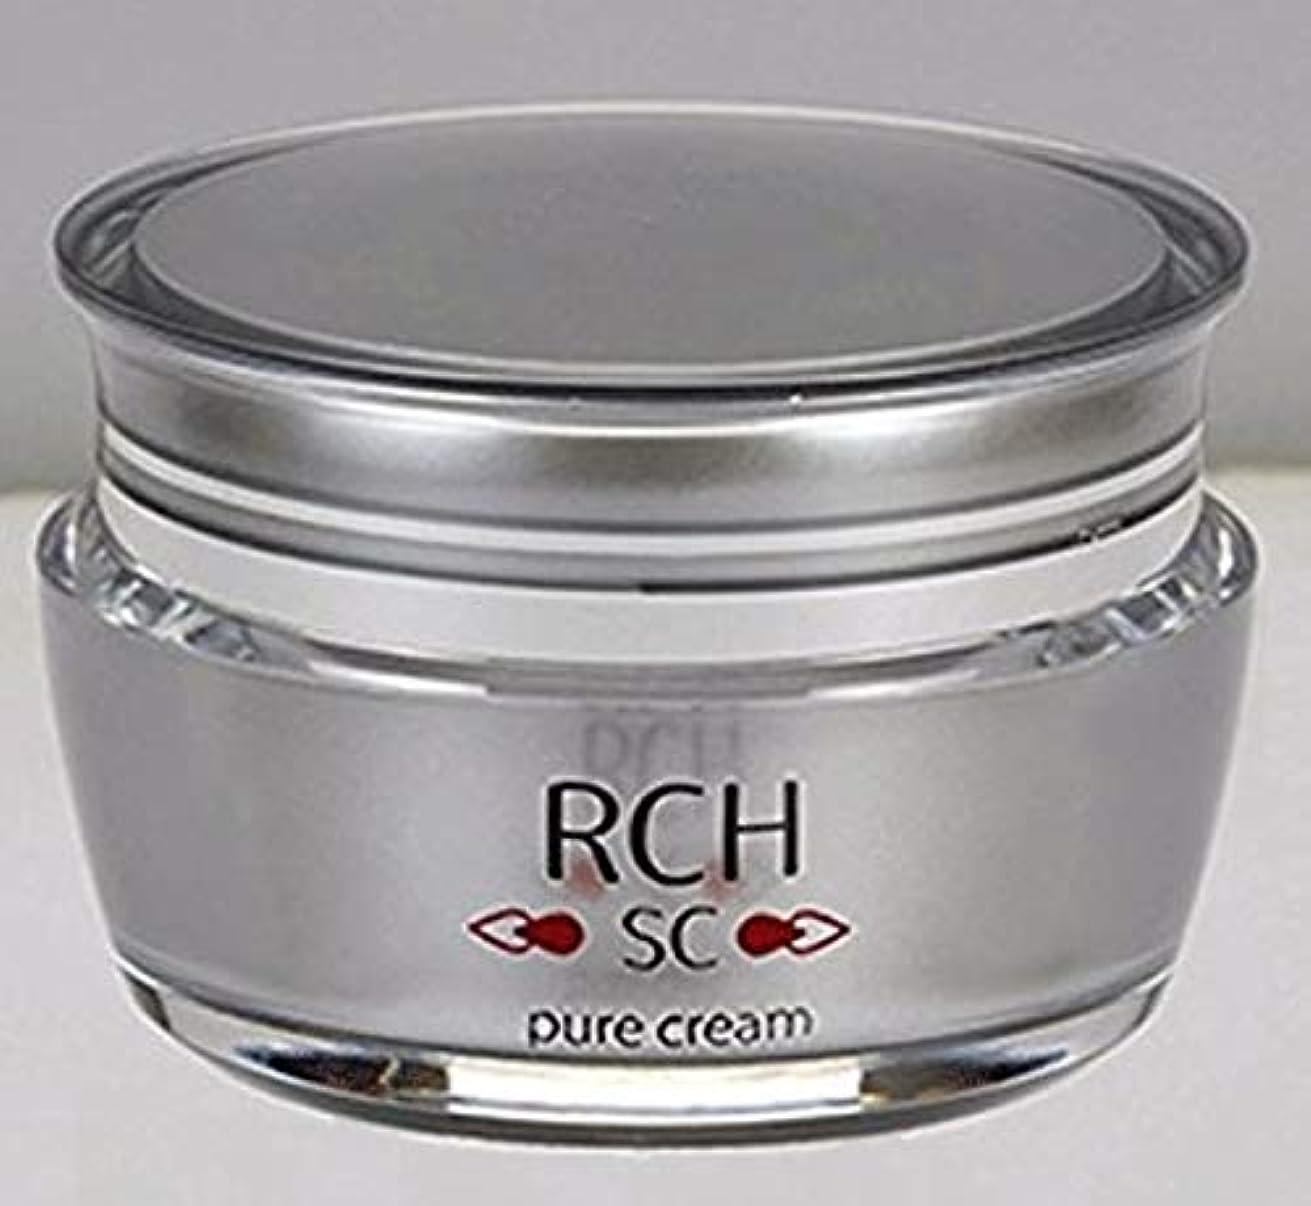 目立つファブリック世界RCH SC ピュアクリーム